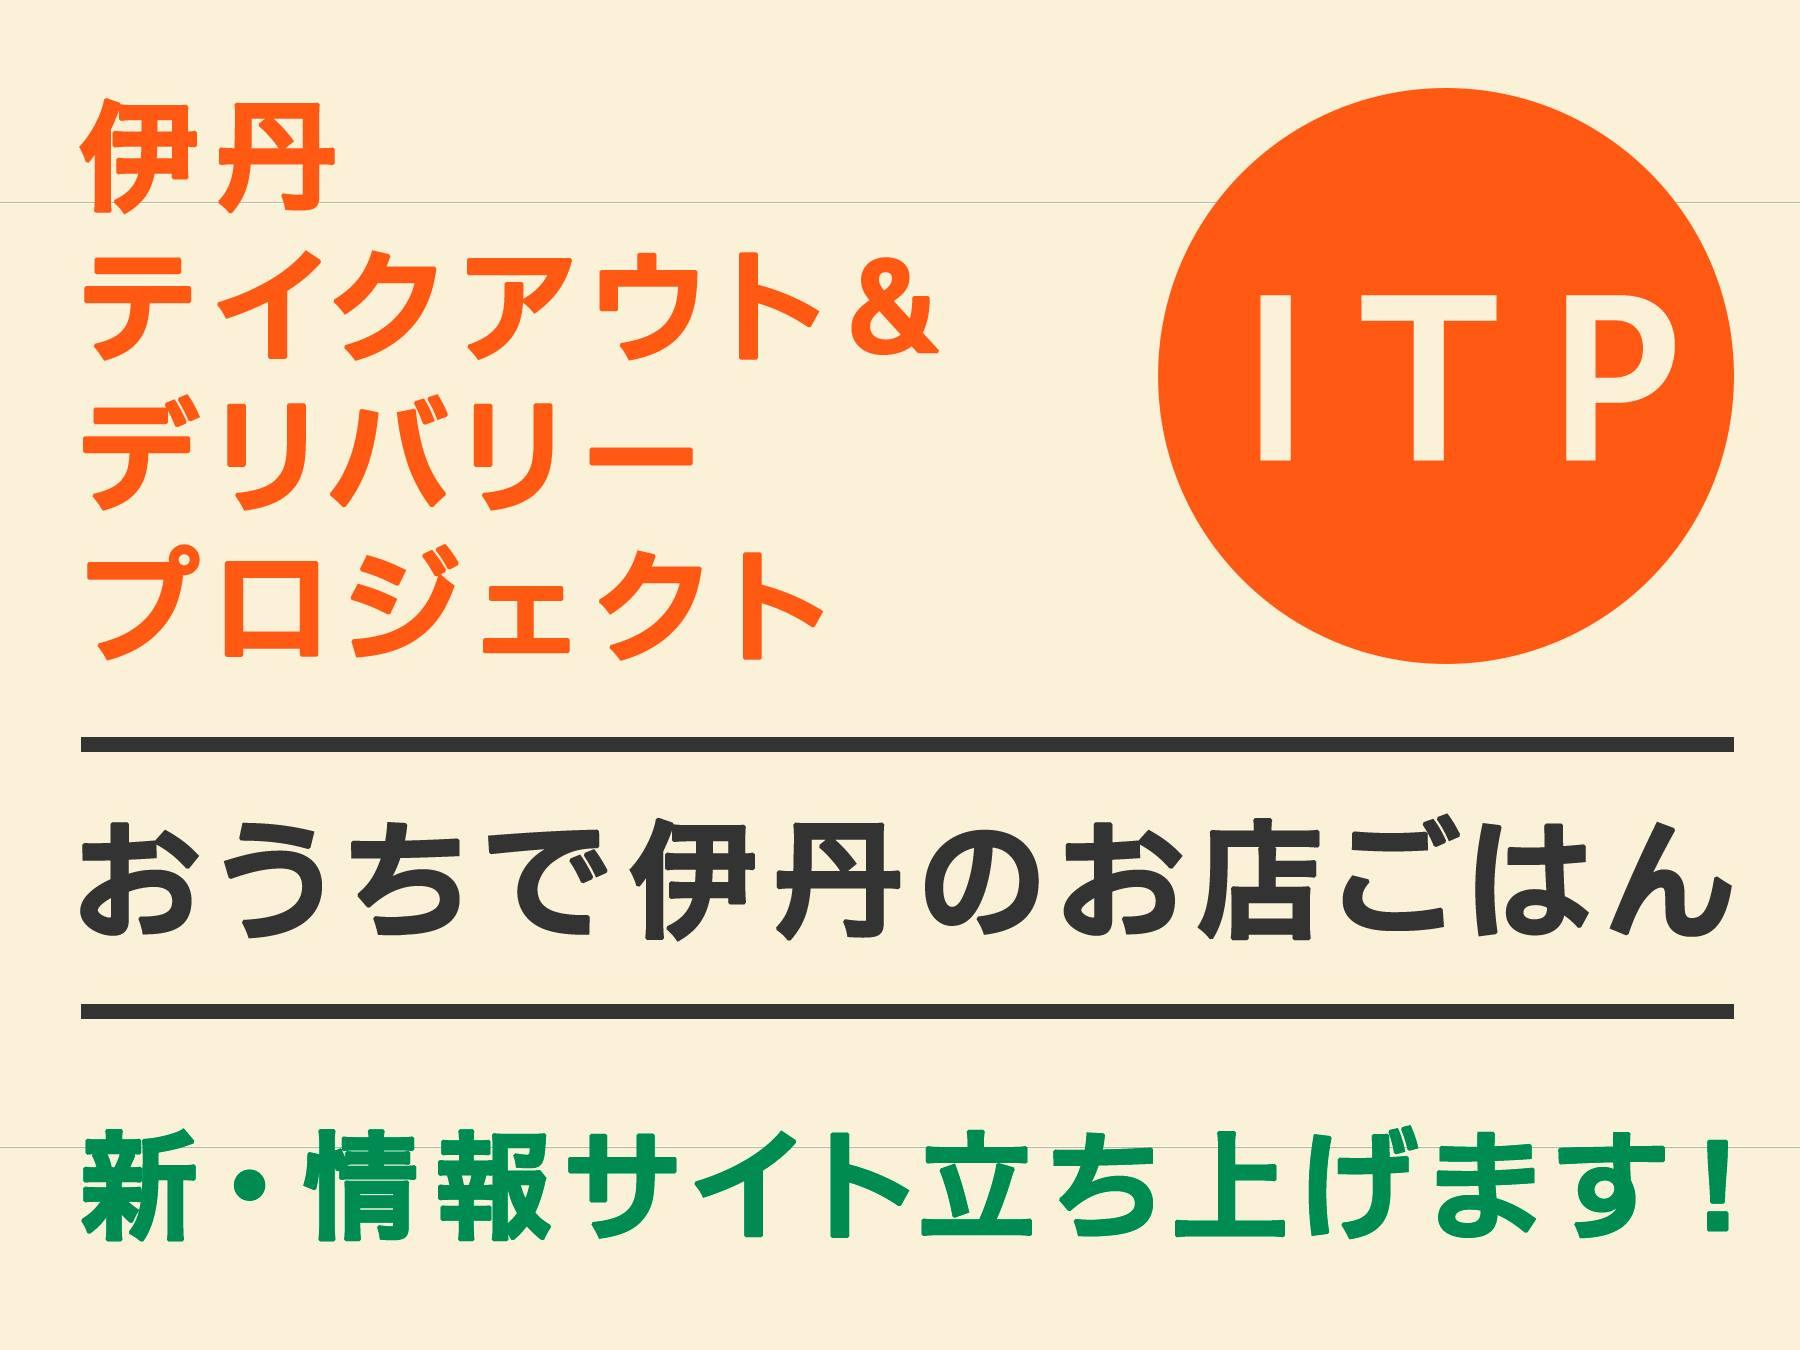 【伊丹テイクアウト&デリバリー情報サイト「おうちで伊丹のお店ごはん」を立ち上げます!】